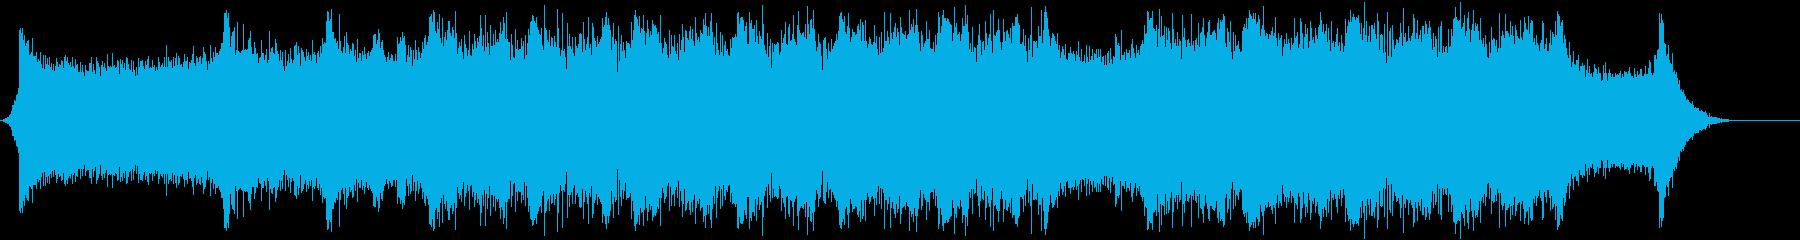 トレーラー、シネマティック、テクスチャーの再生済みの波形